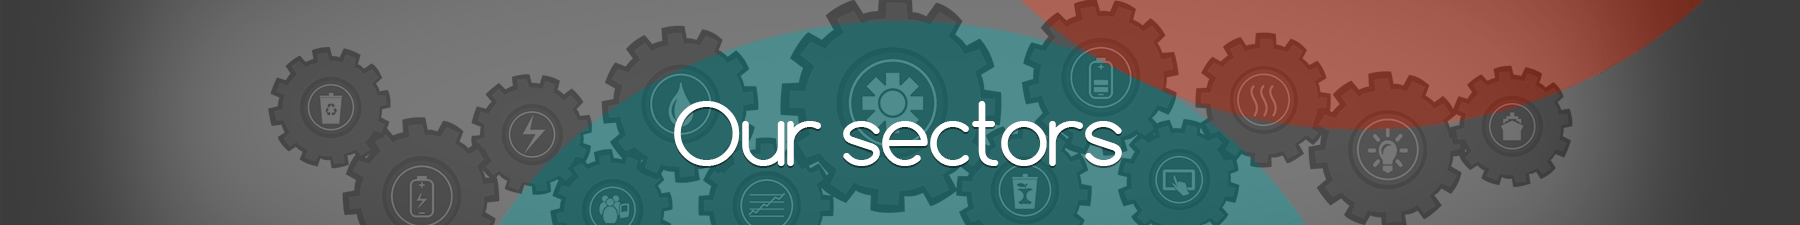 Our-sectors_april-16